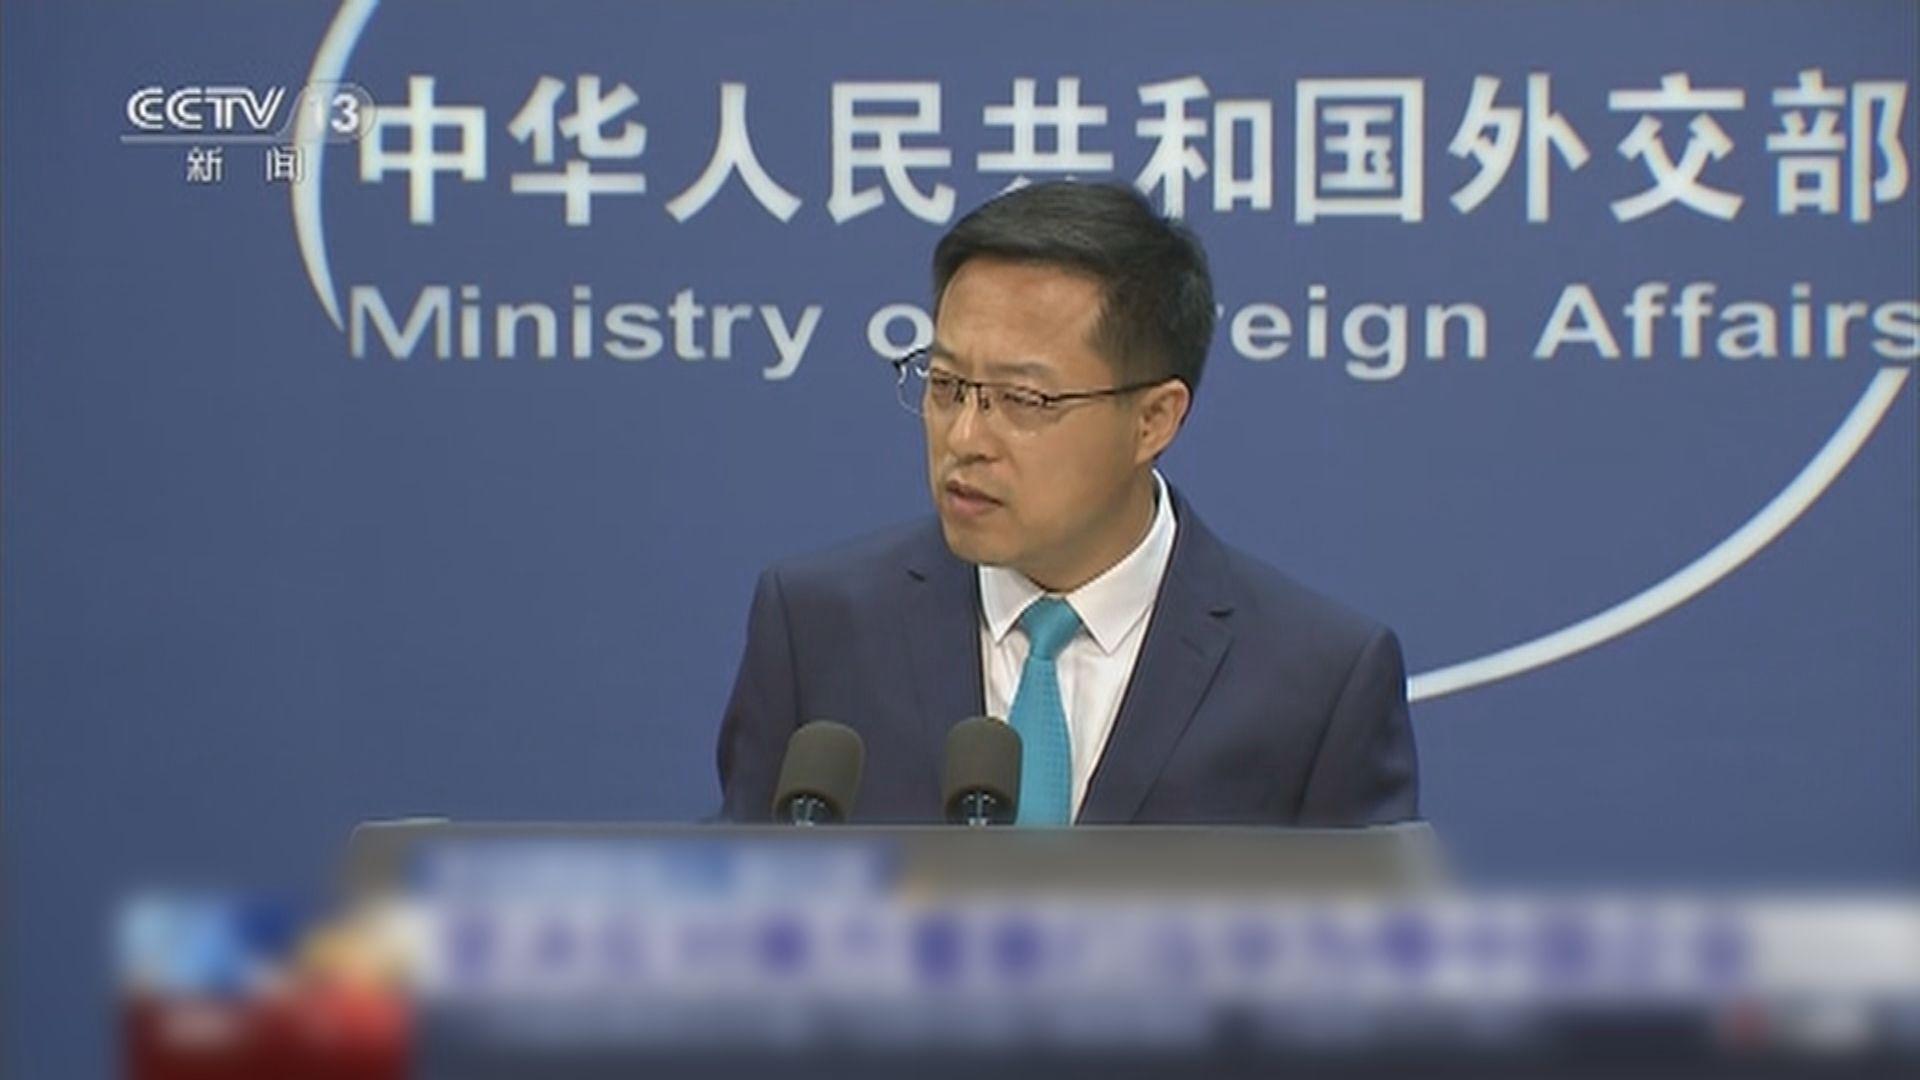 外交部:反對美國蓄意抹黑和打壓華為等中國企業